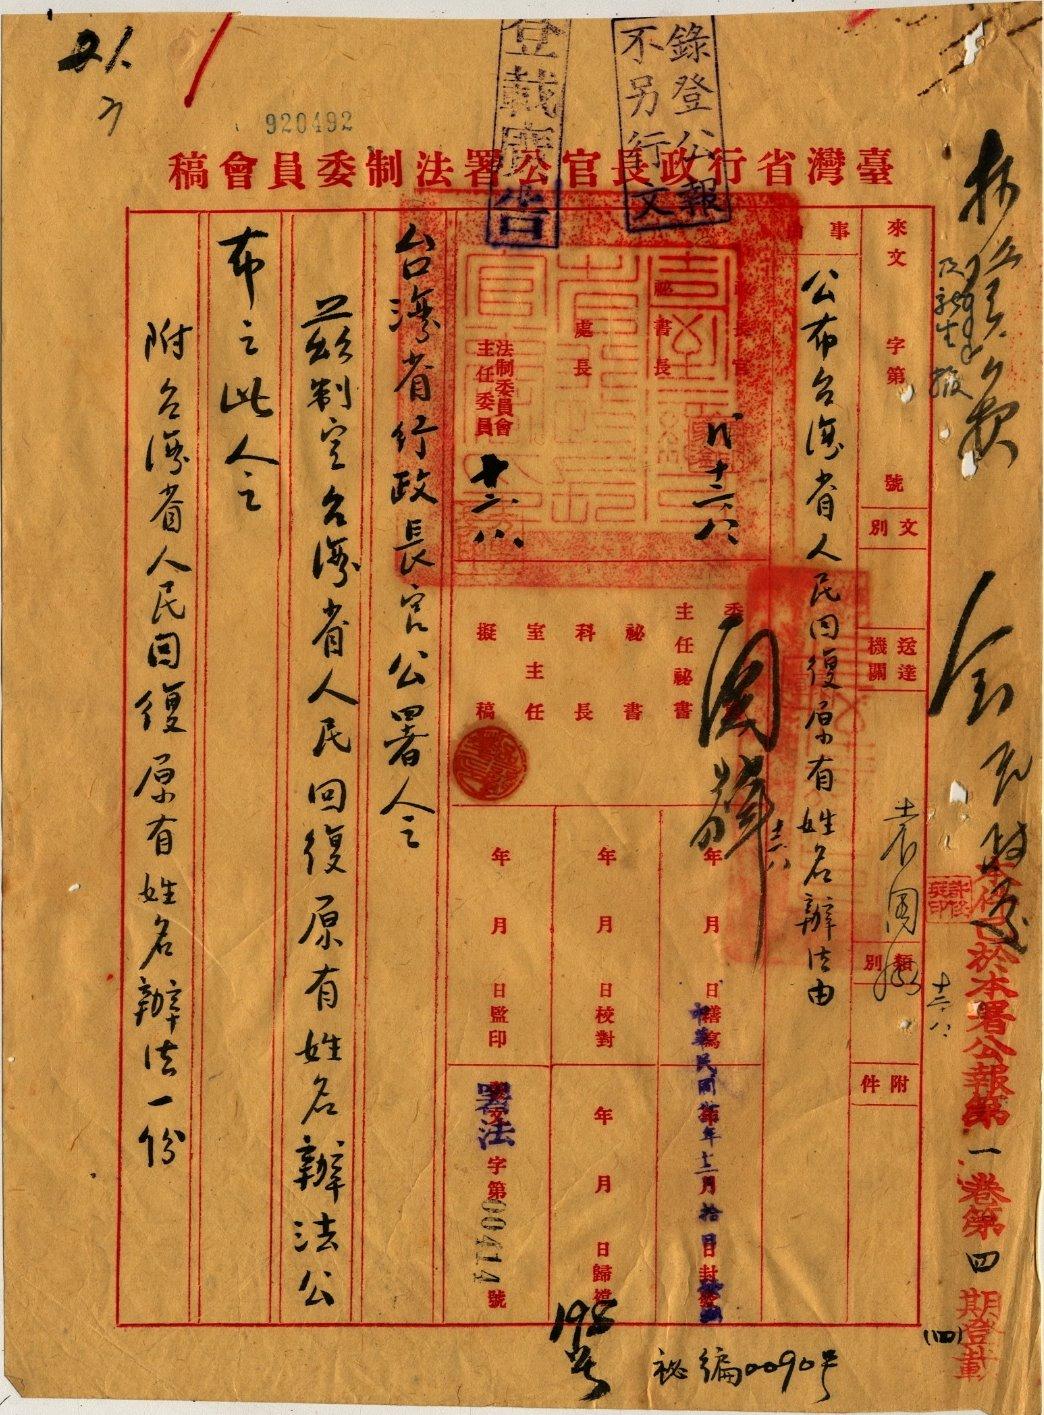 圖一:頒訂「臺灣省人民回復原有姓名辦法」(臺灣省行政長官公署檔案00314400038001)